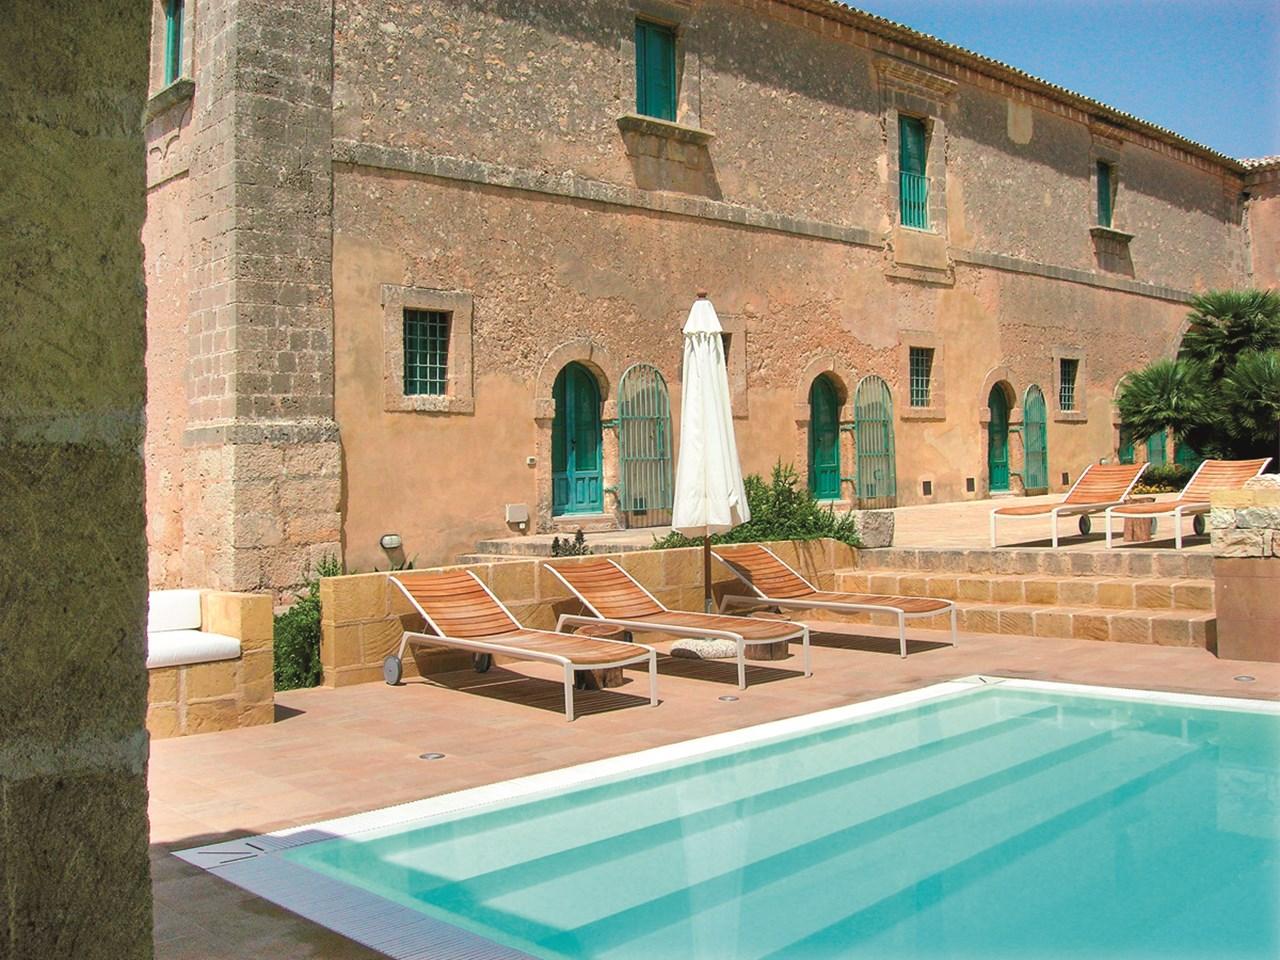 WIMCO Villas, HII MIL, Italy, Sicily, 2 bedrooms, 3 bathrooms